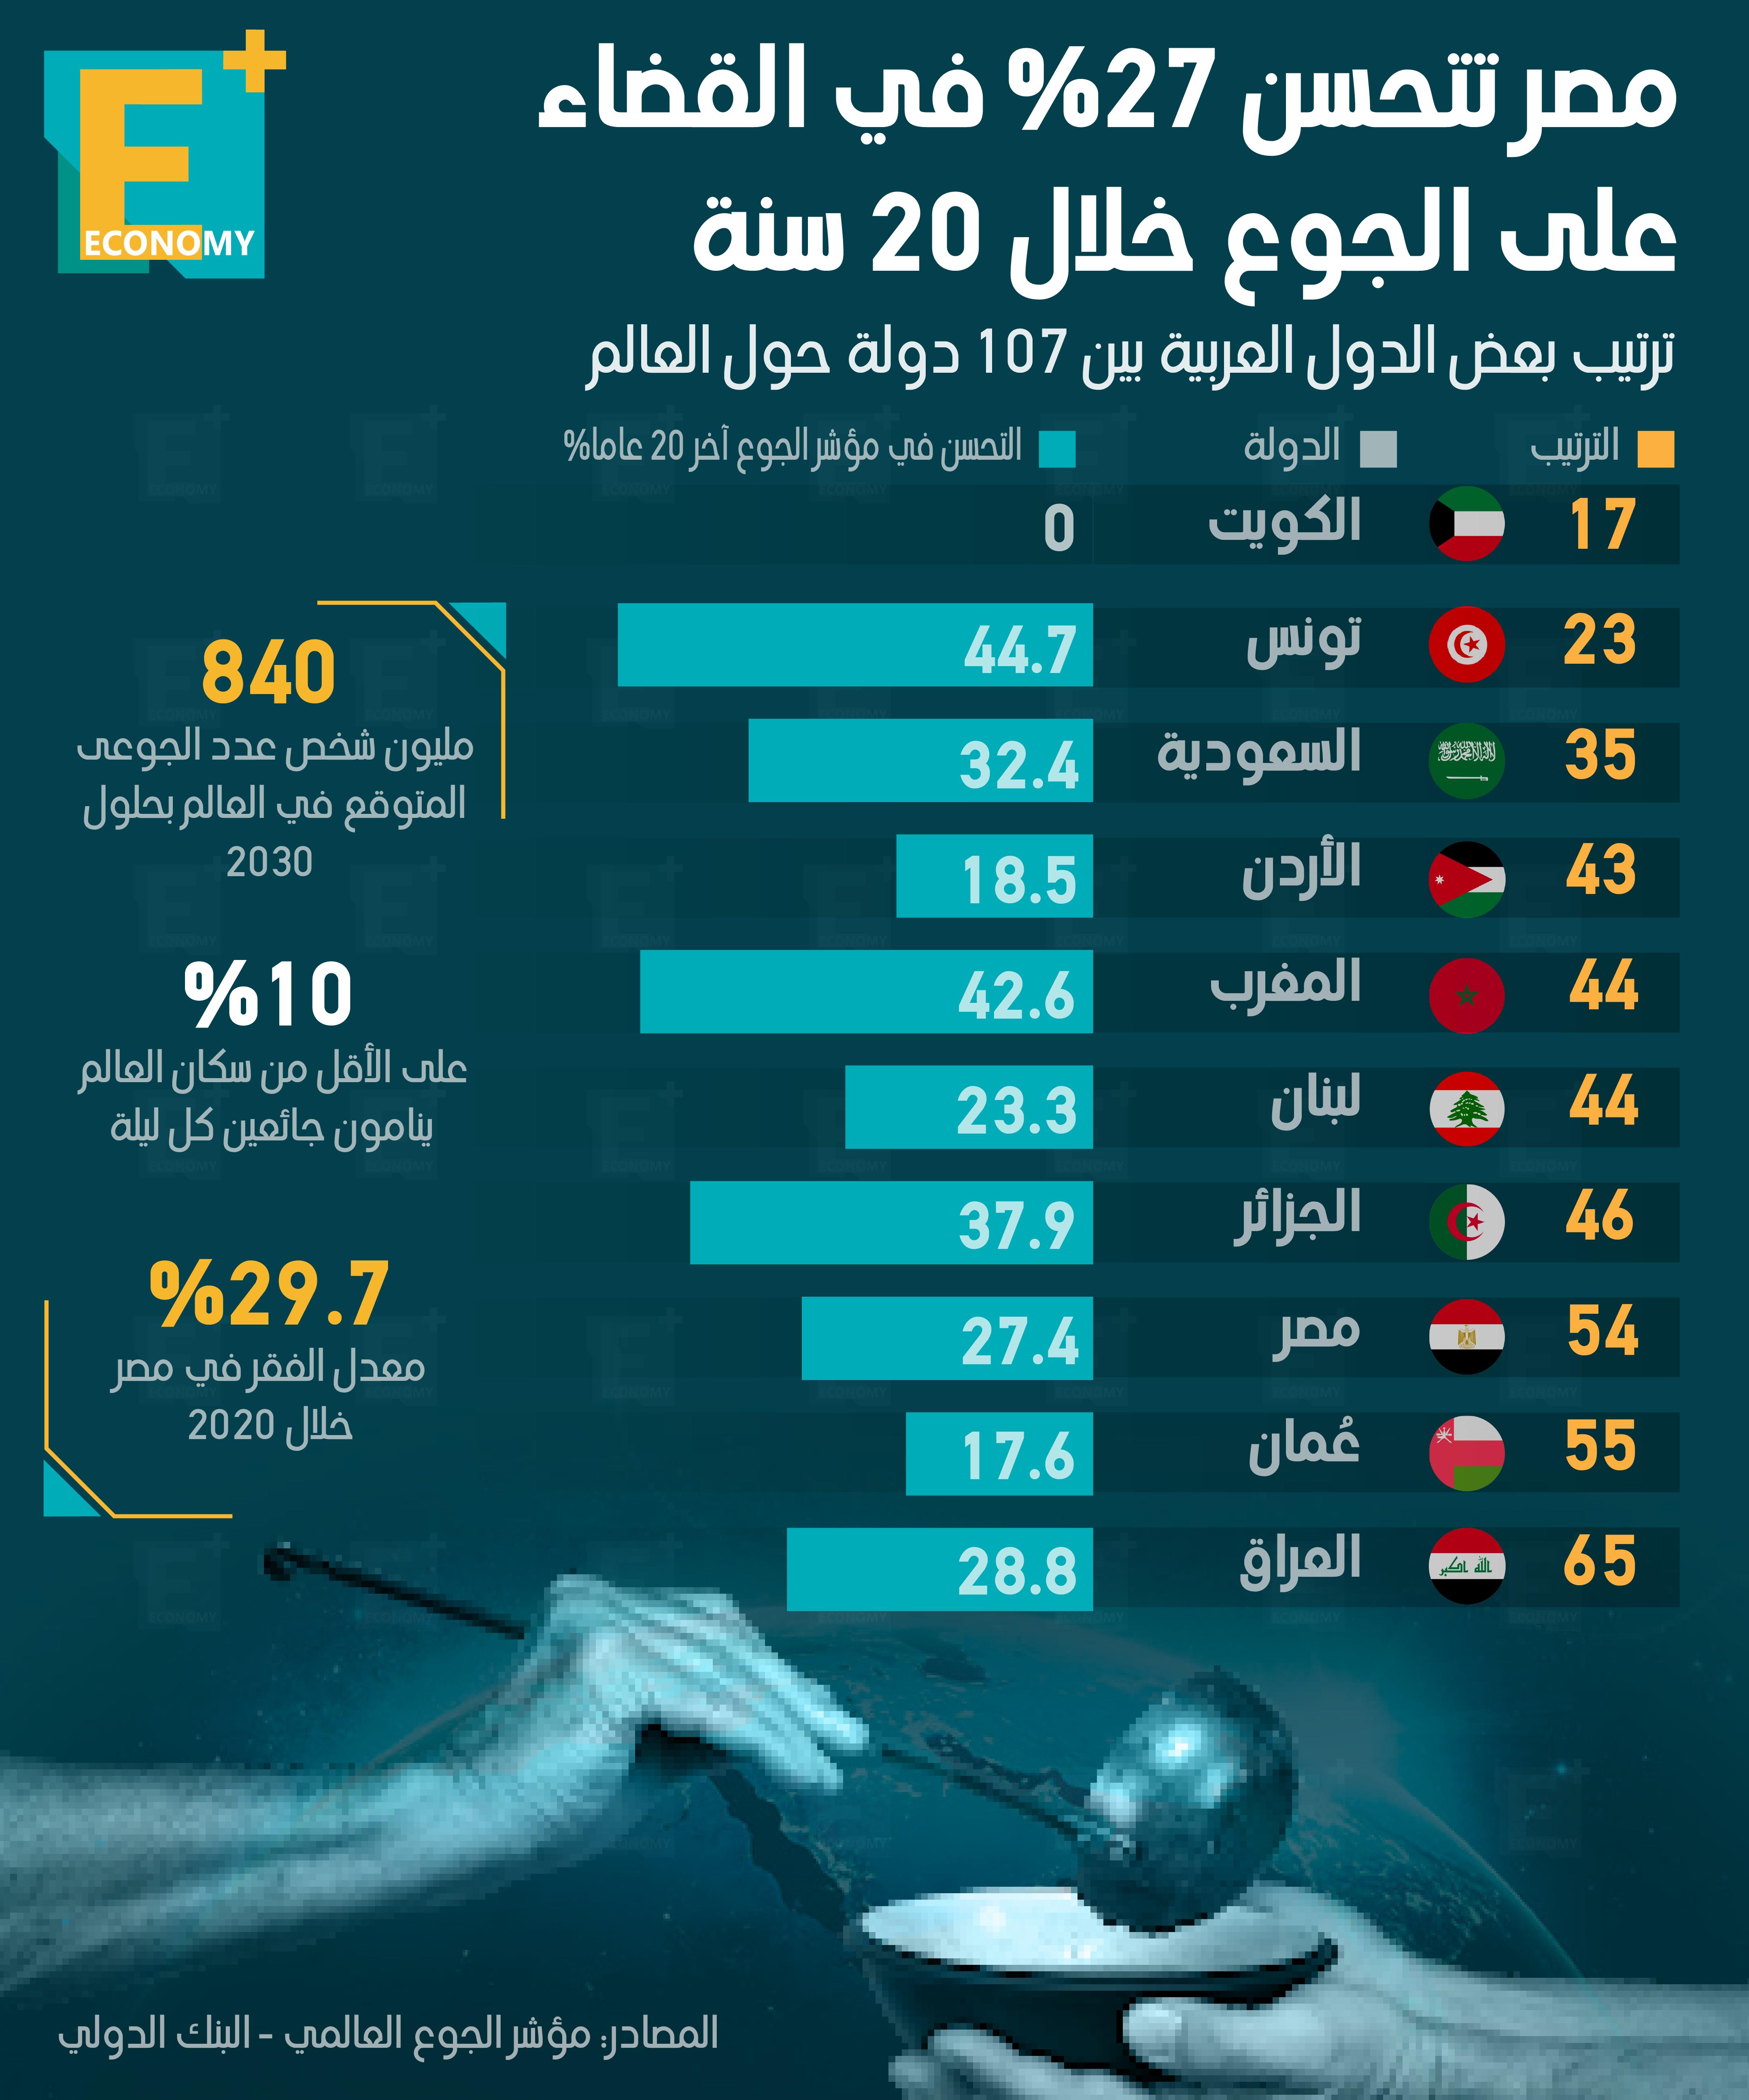 مصر تتحسن 27% في القضاء على الجوع خلال 20 سنة